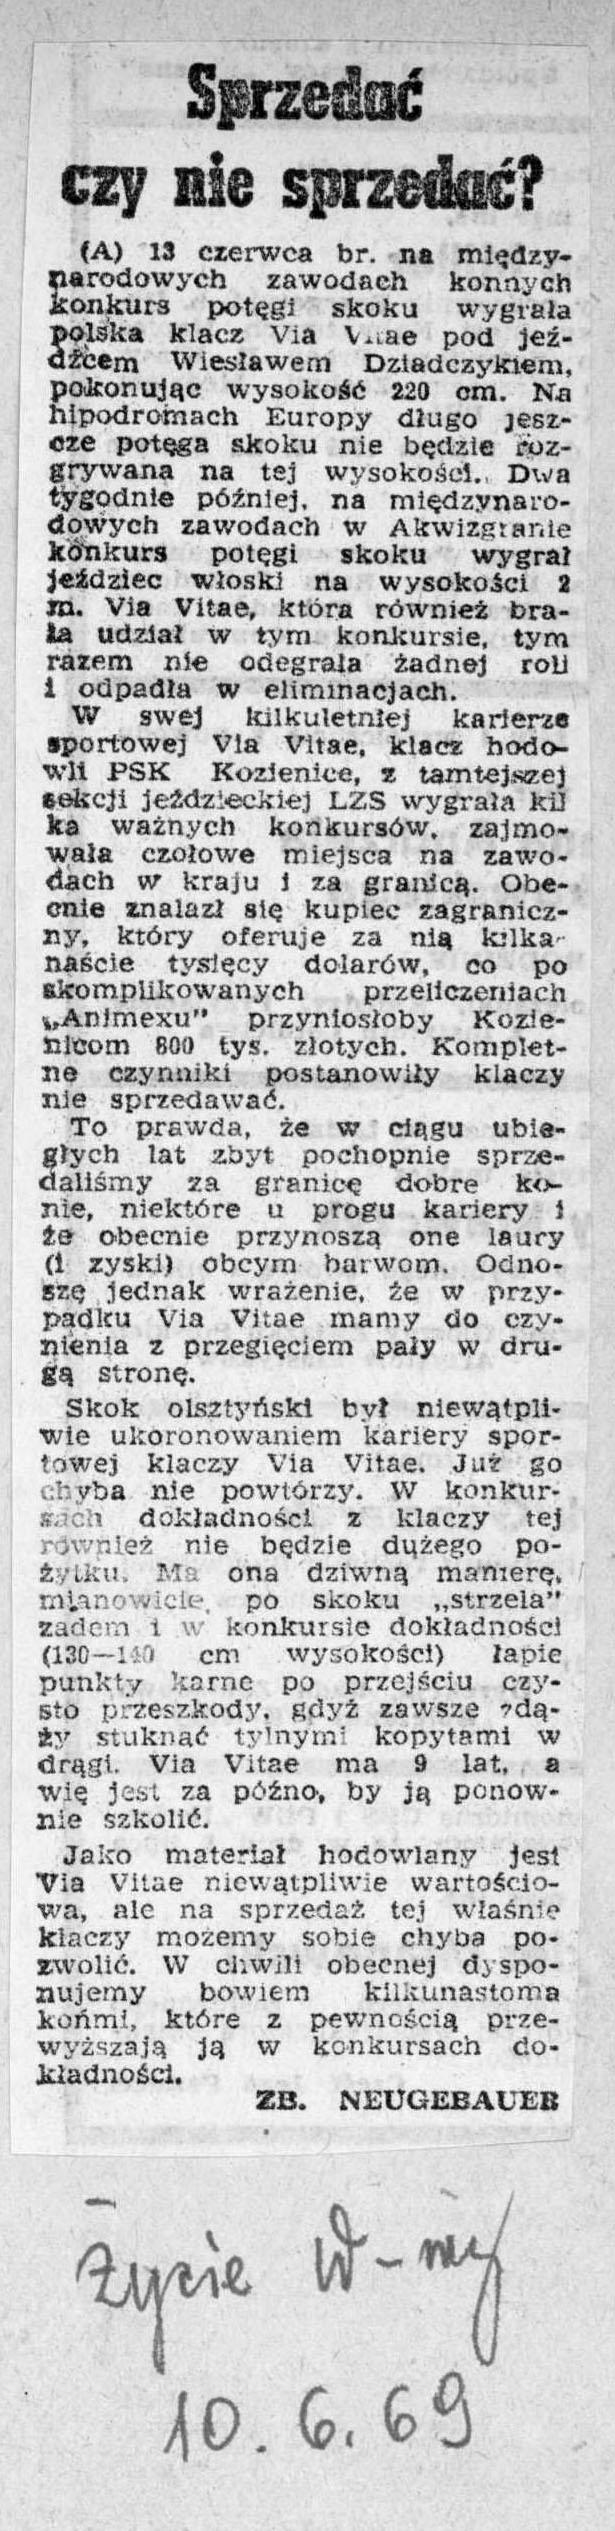 1969.06.10 - ŻYCIE WARSZAWY